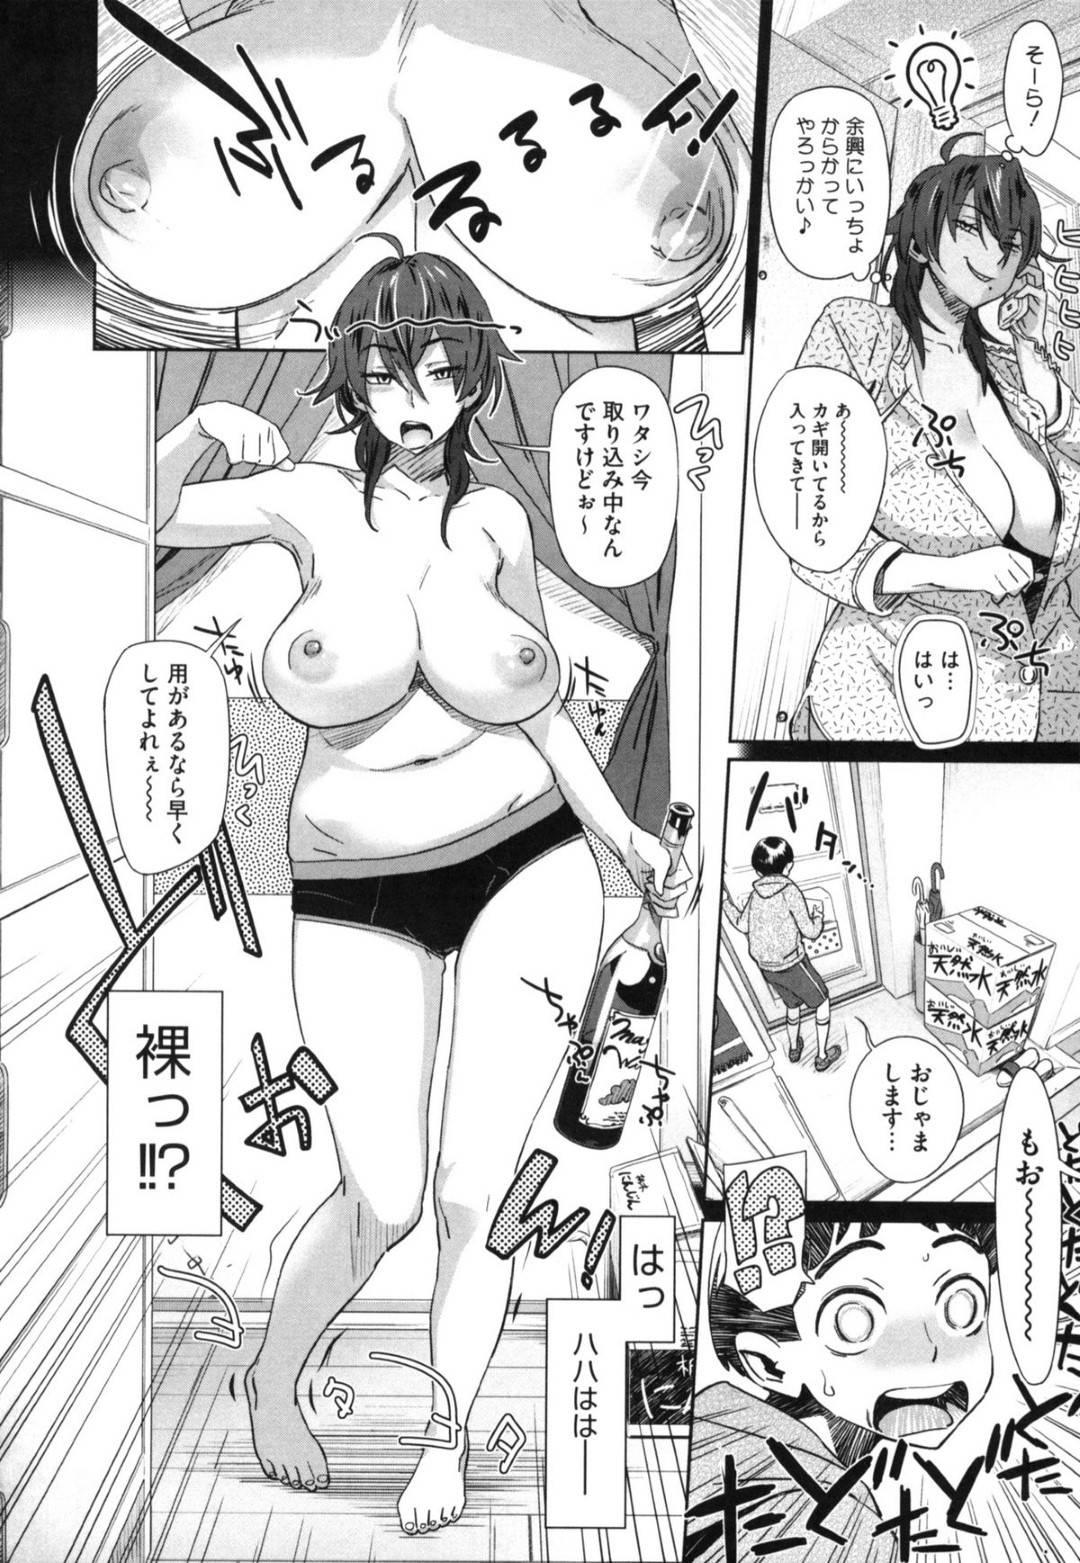 【エロ漫画】隣の家から料理をおすそ分けに来たショタをからかう酔っぱらい巨乳お姉さん…半裸でショタを玄関で出迎えてオナニーを見せるよう要求する!【ボボボ】